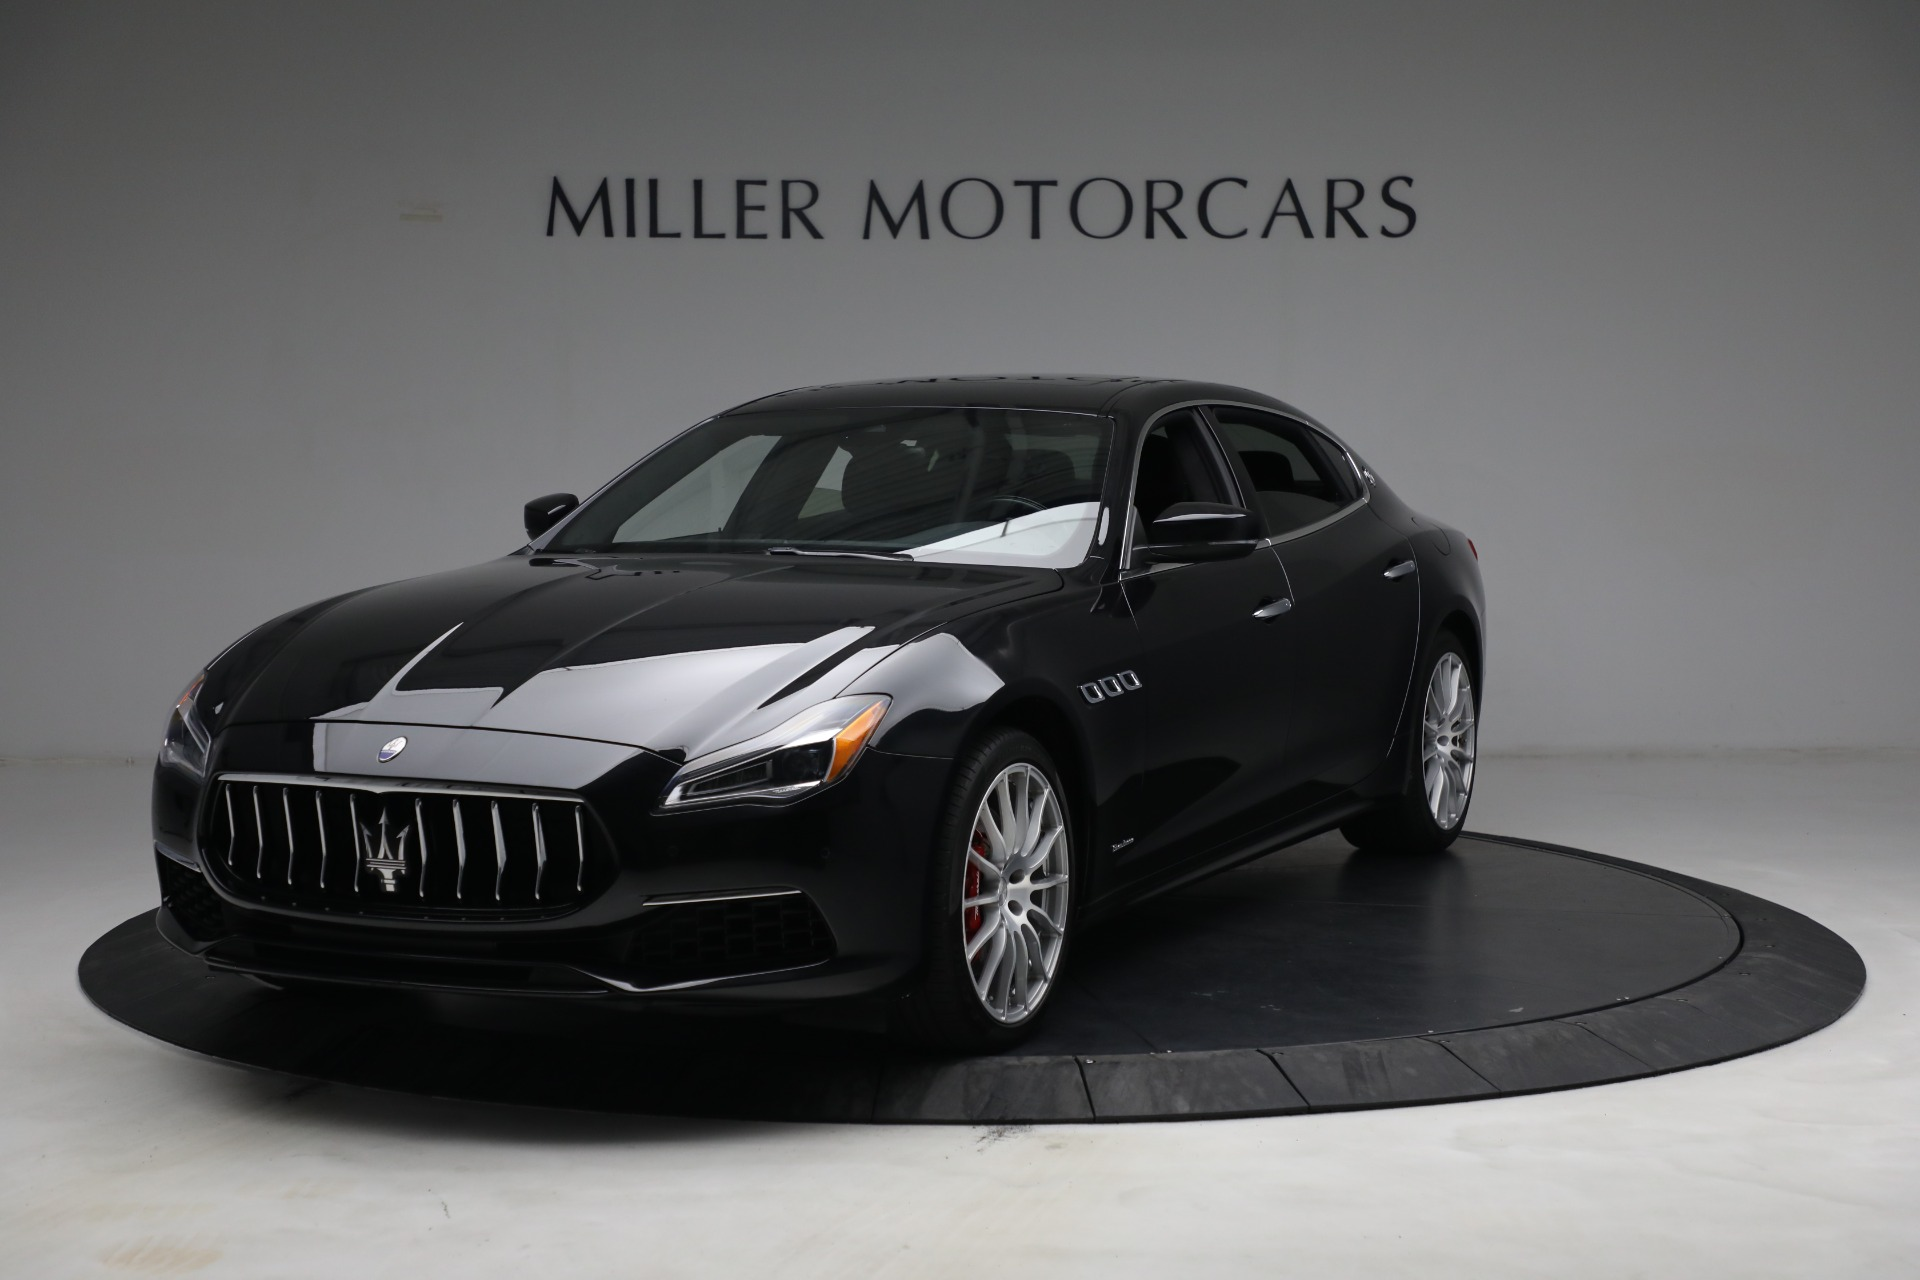 Used 2019 Maserati Quattroporte S Q4 GranLusso for sale $69,900 at Alfa Romeo of Greenwich in Greenwich CT 06830 1